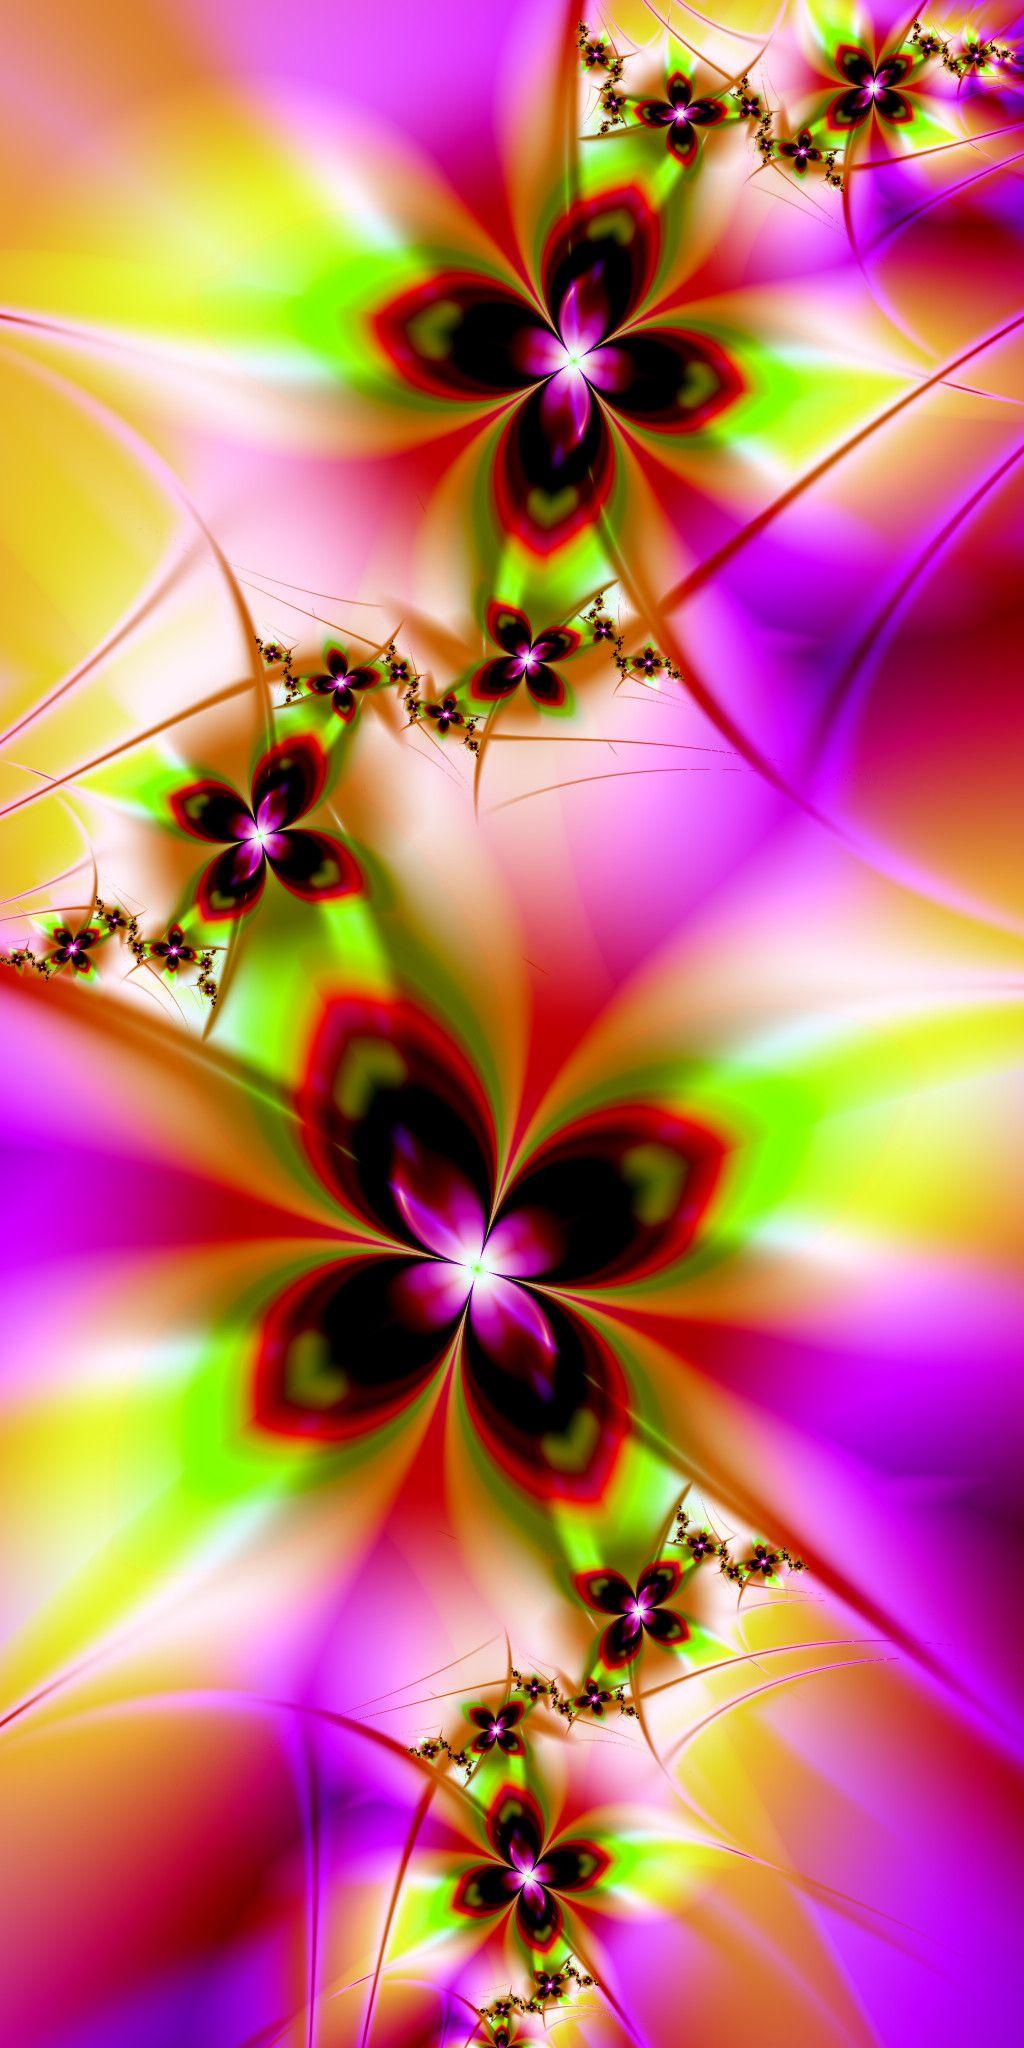 My Flowers by EsmeraldEyes